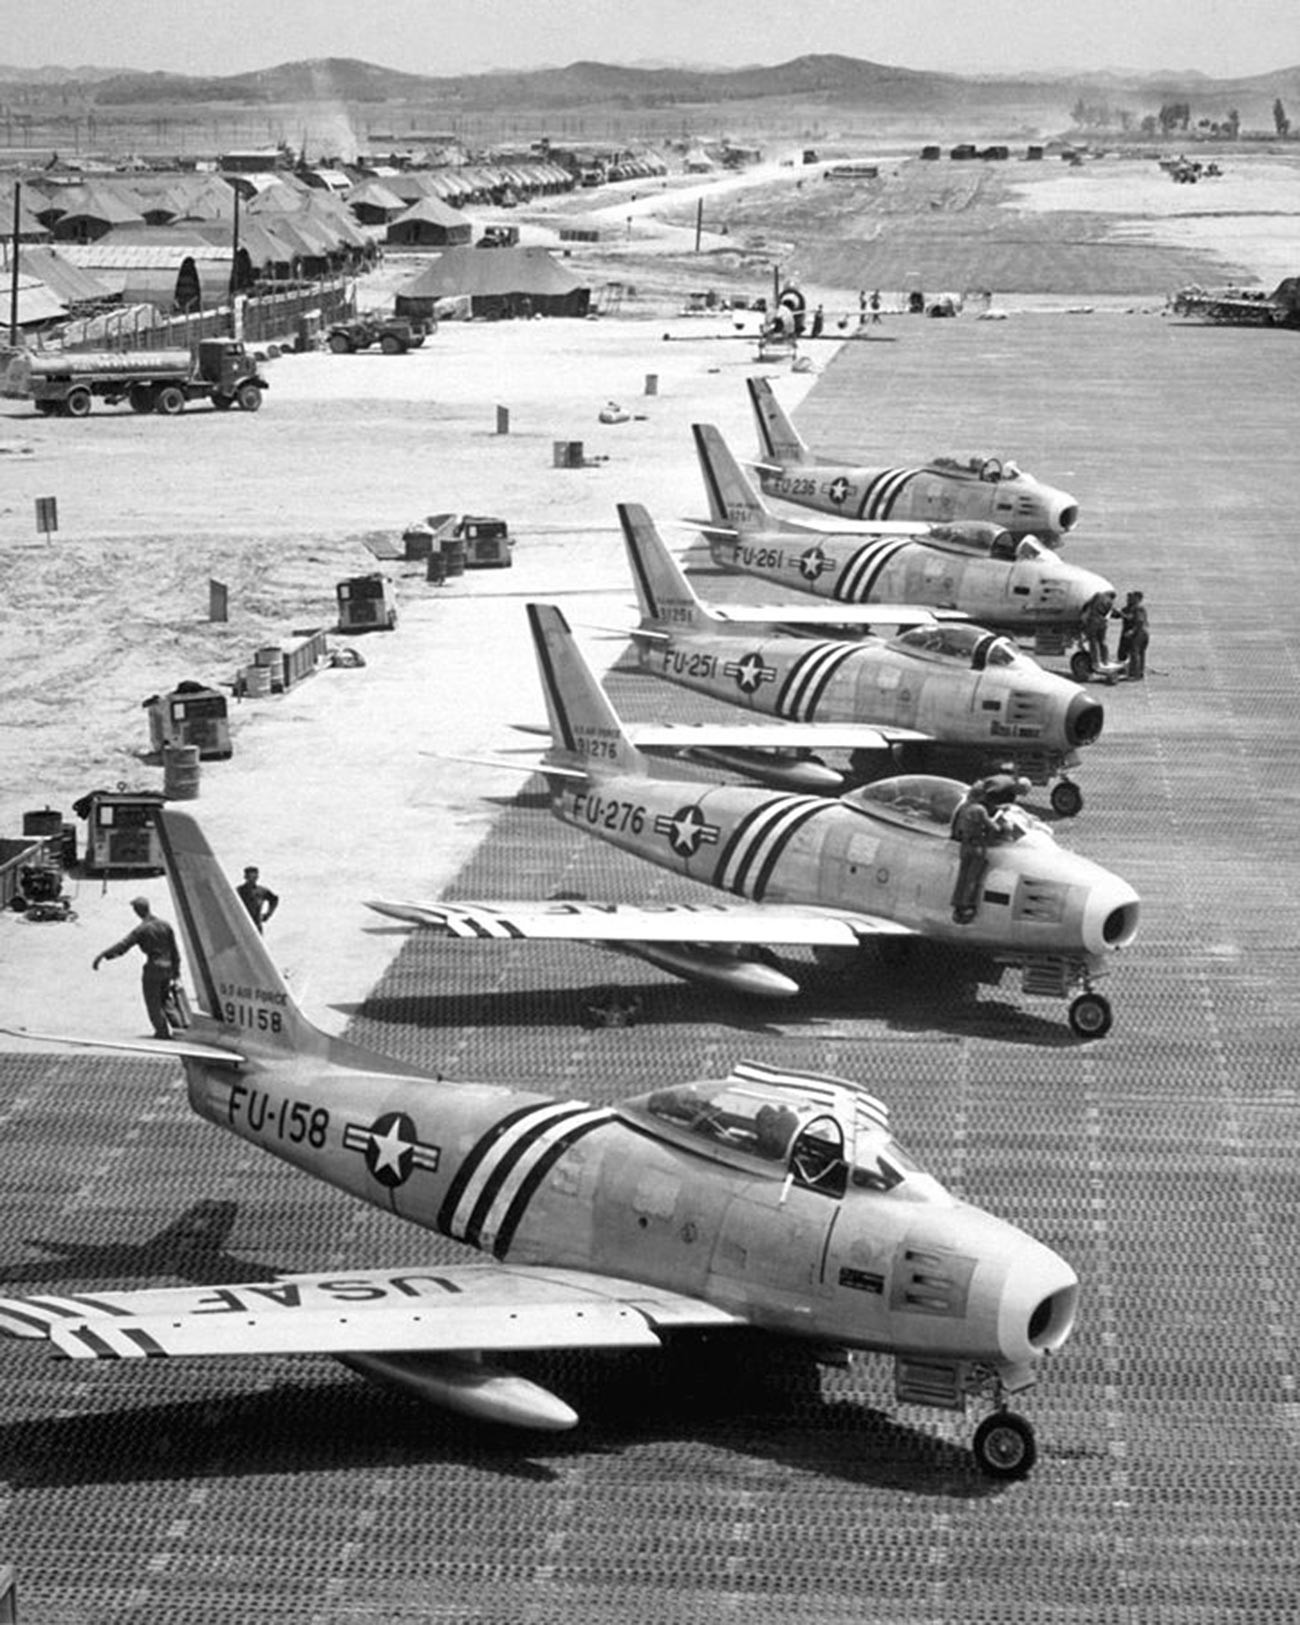 Vista de los aviones F-86 en la línea de vuelo preparándose para el combate.